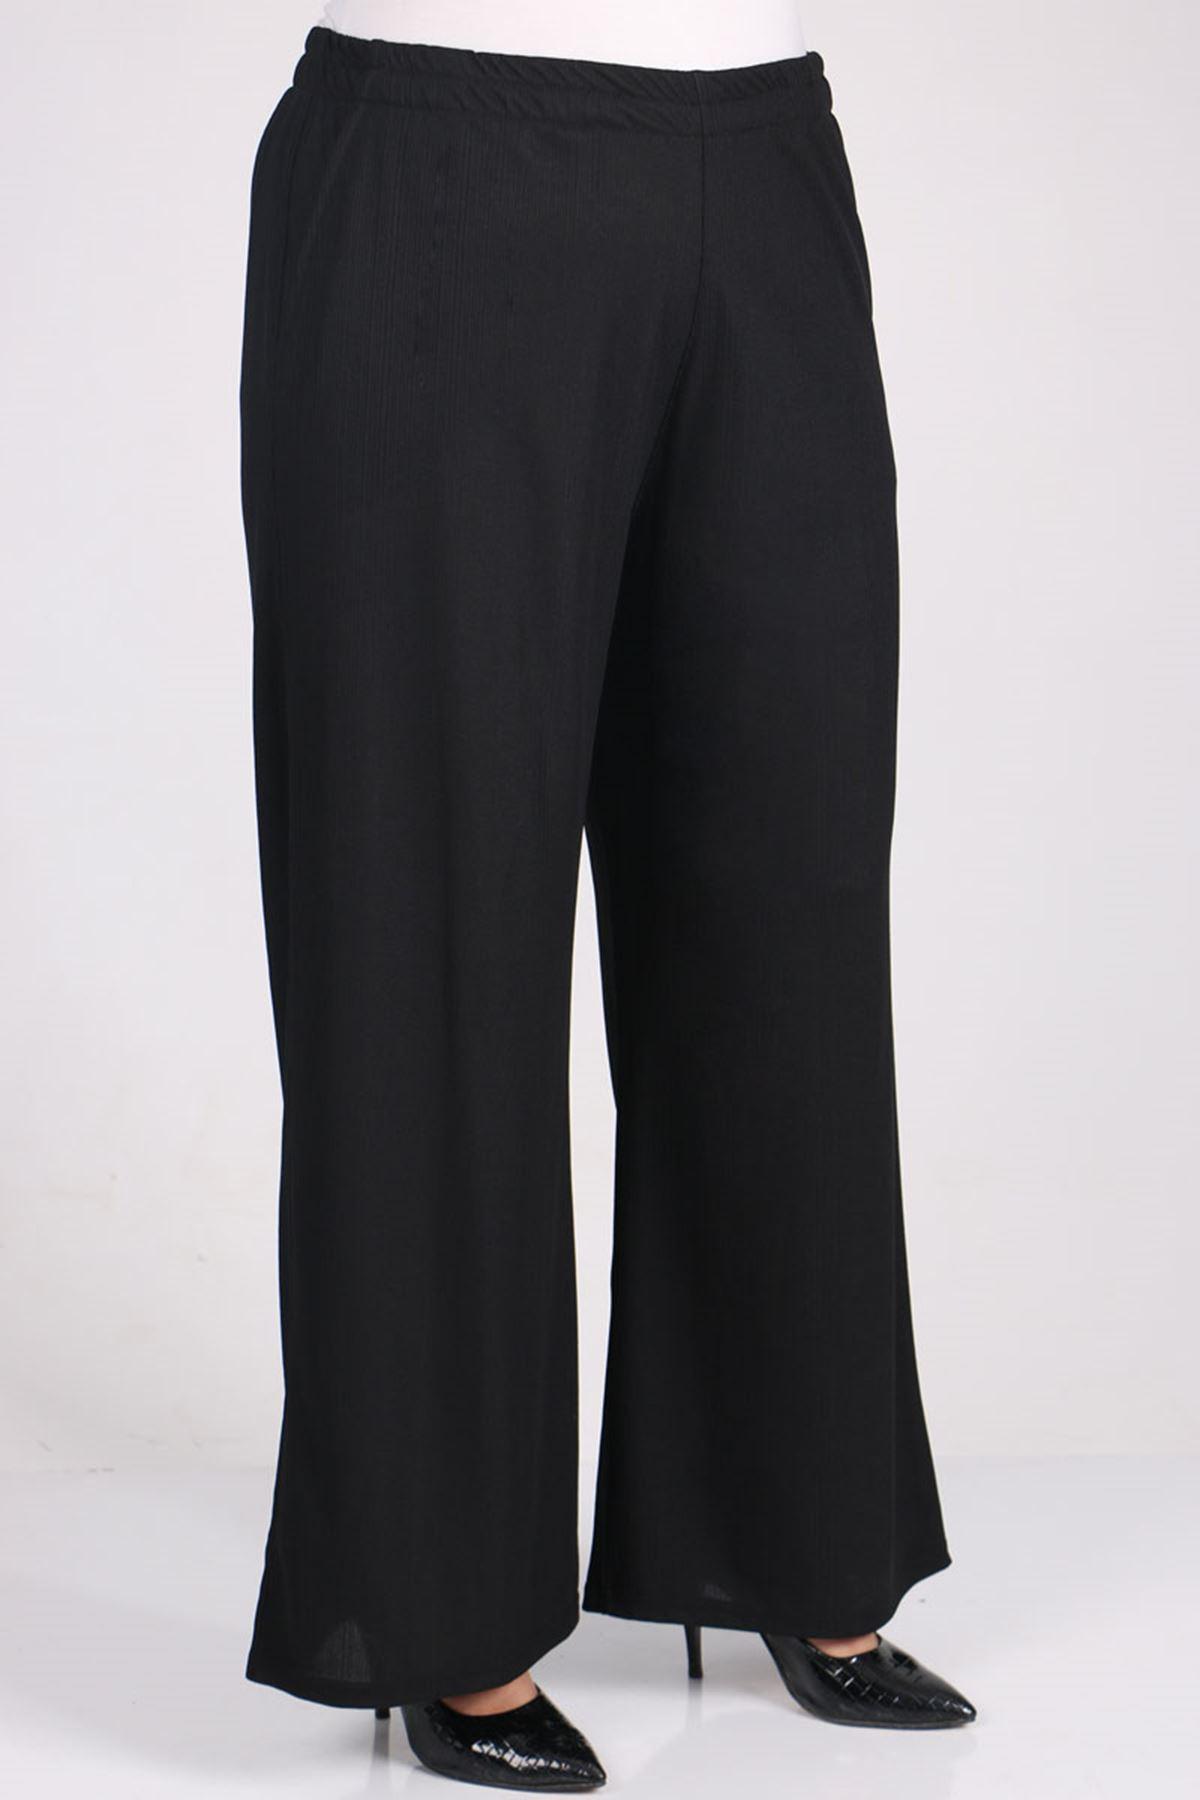 7707 Büyük Beden Örme Krep- Pantolonlu Takım - Siyah Puanlı